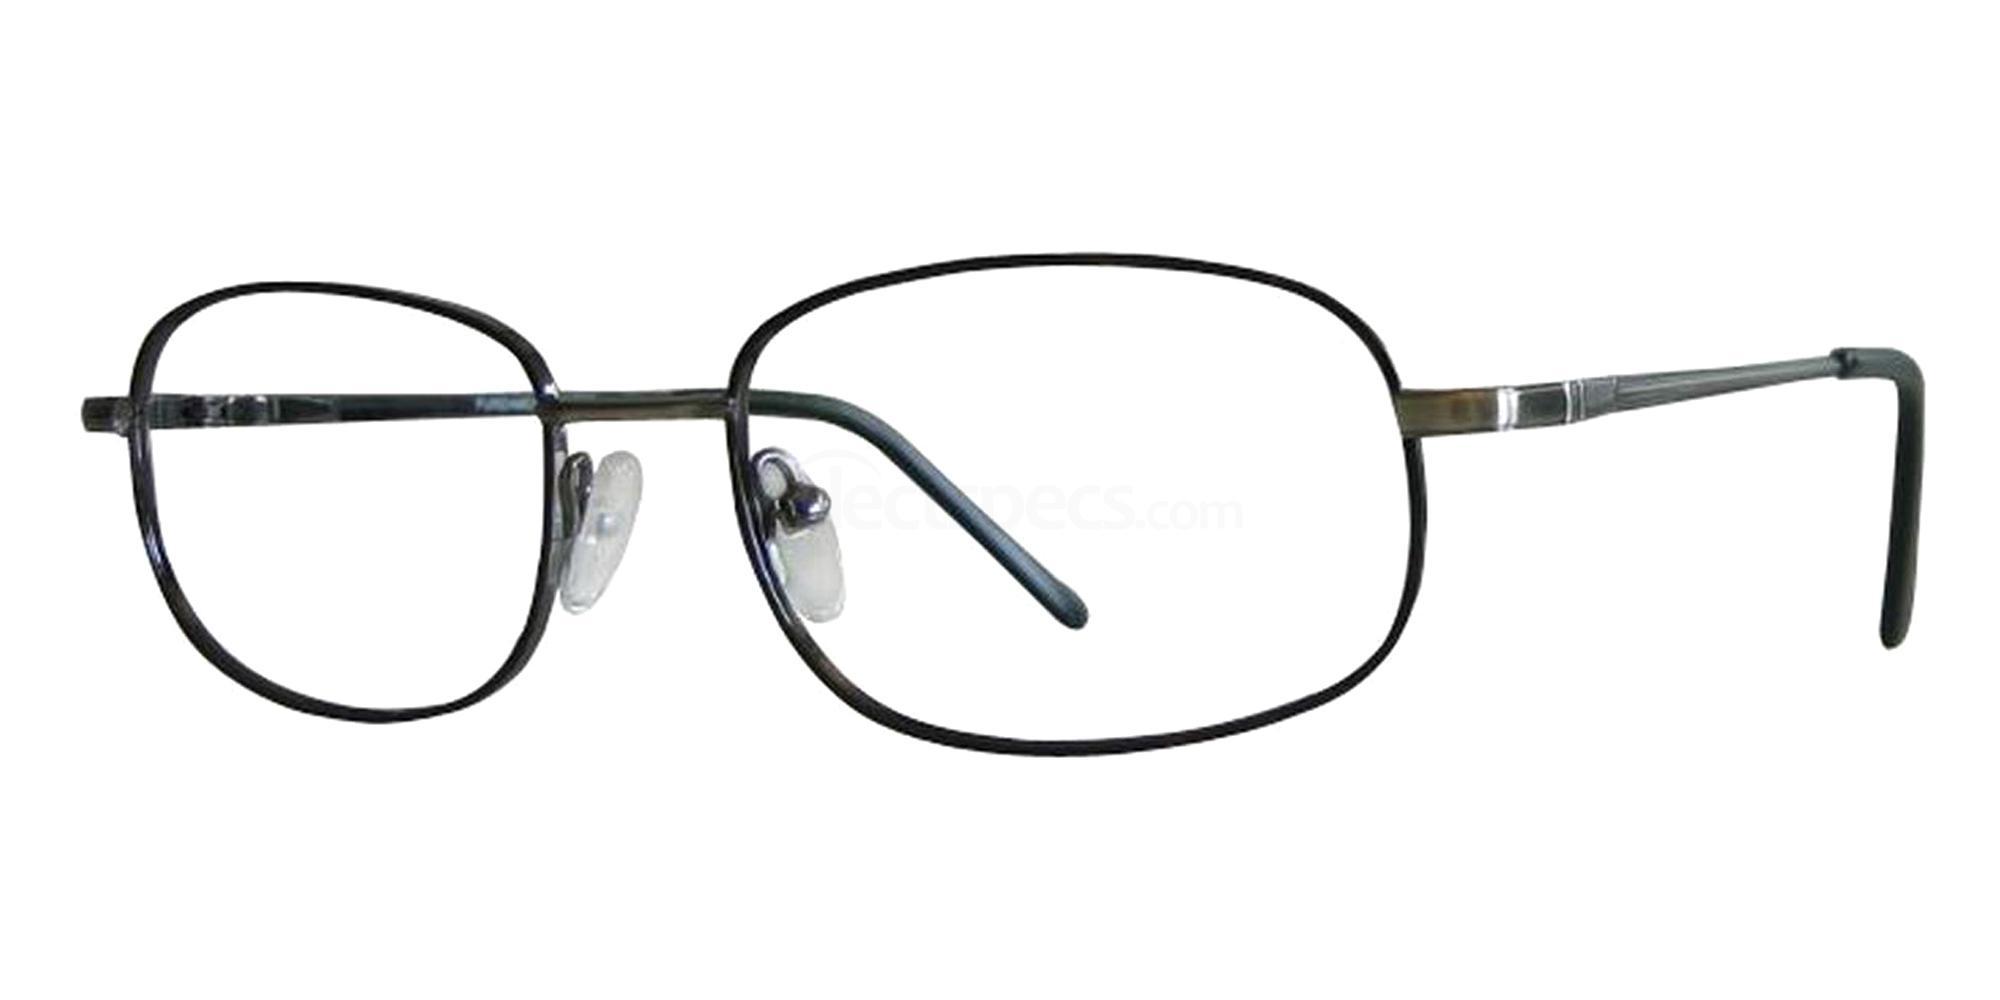 Da/Gm F200 Glasses, Fundamentals